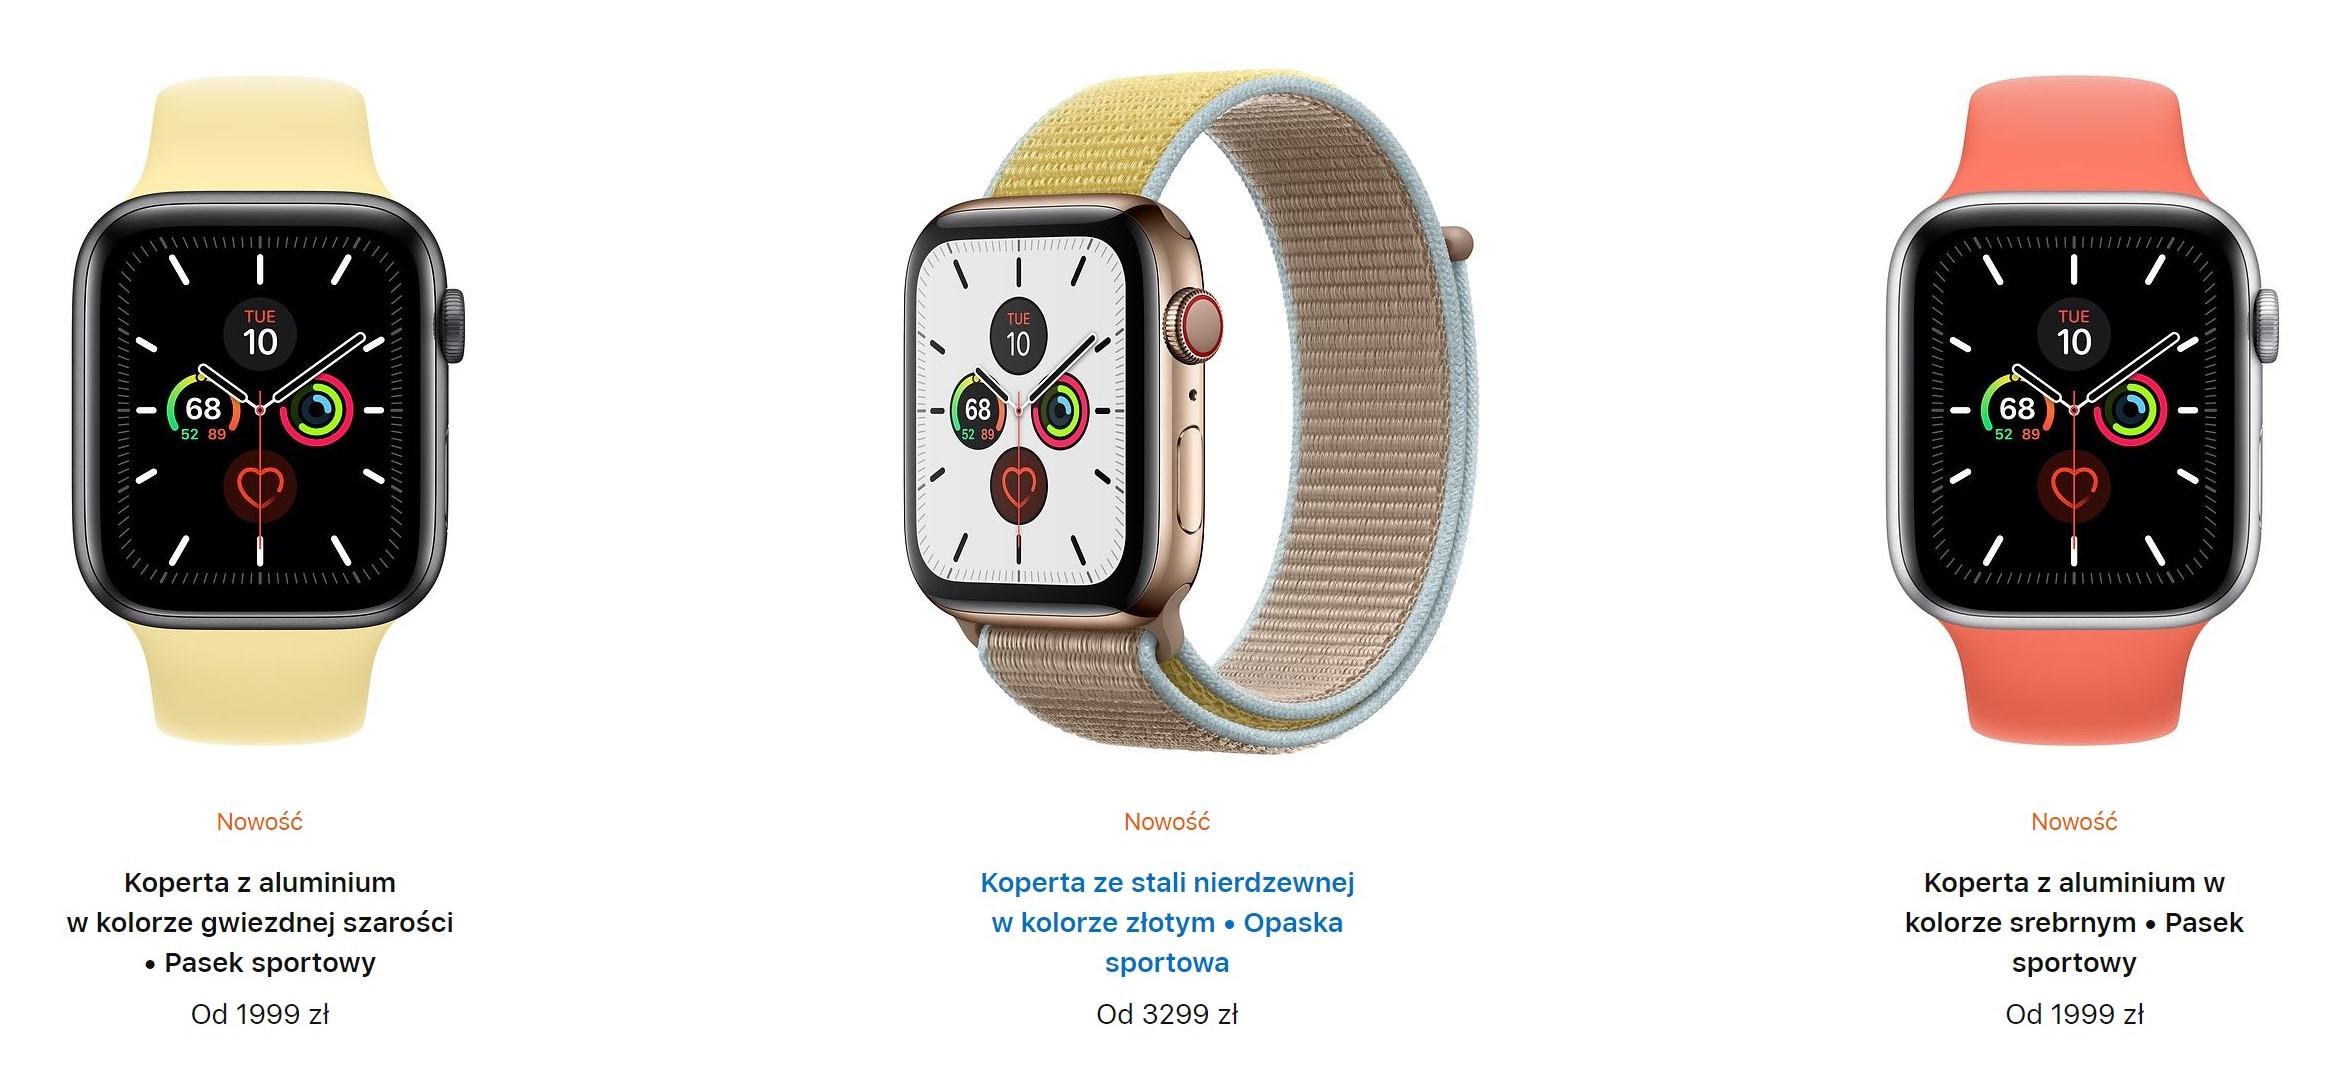 Ceny zegarka Apple Watch 5 w Polsce. Kopert ceramicznych i tytanowych nie ma w ofercie 21